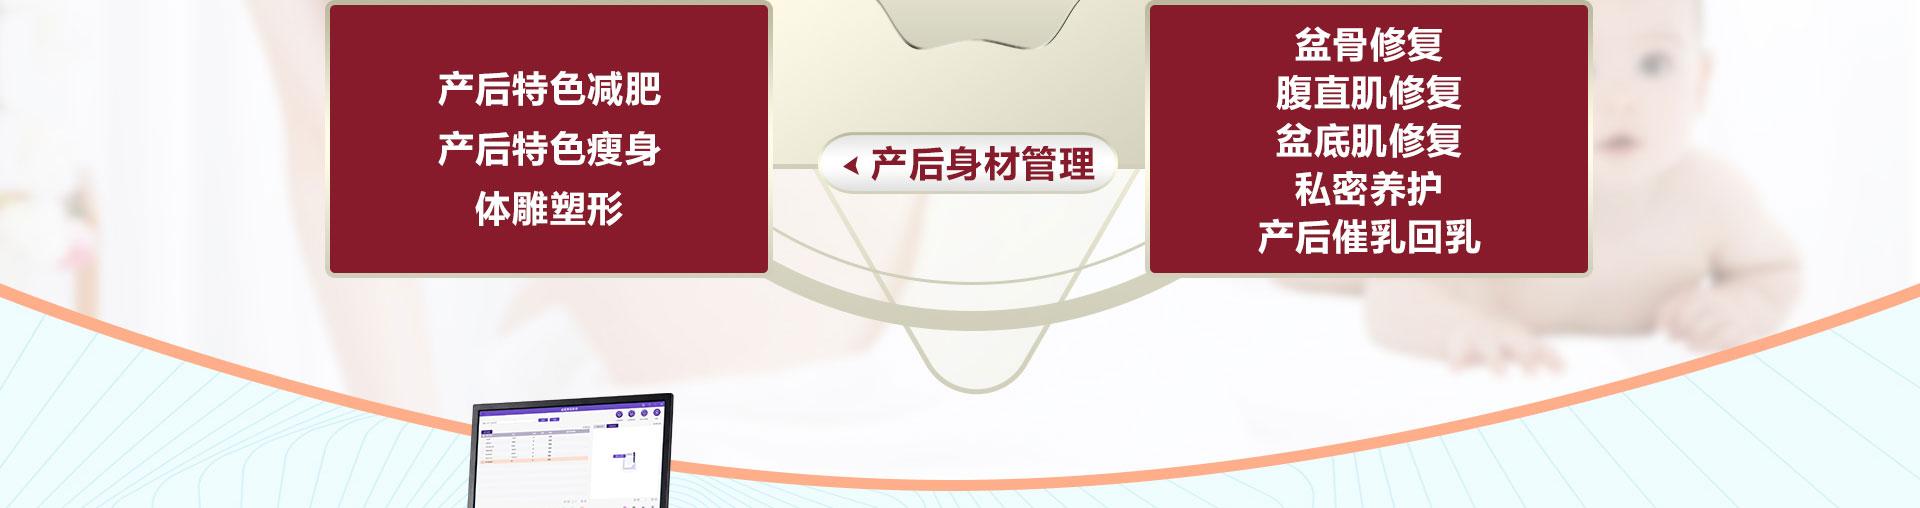 悦芝堂母婴产康全周期管理yzt_09